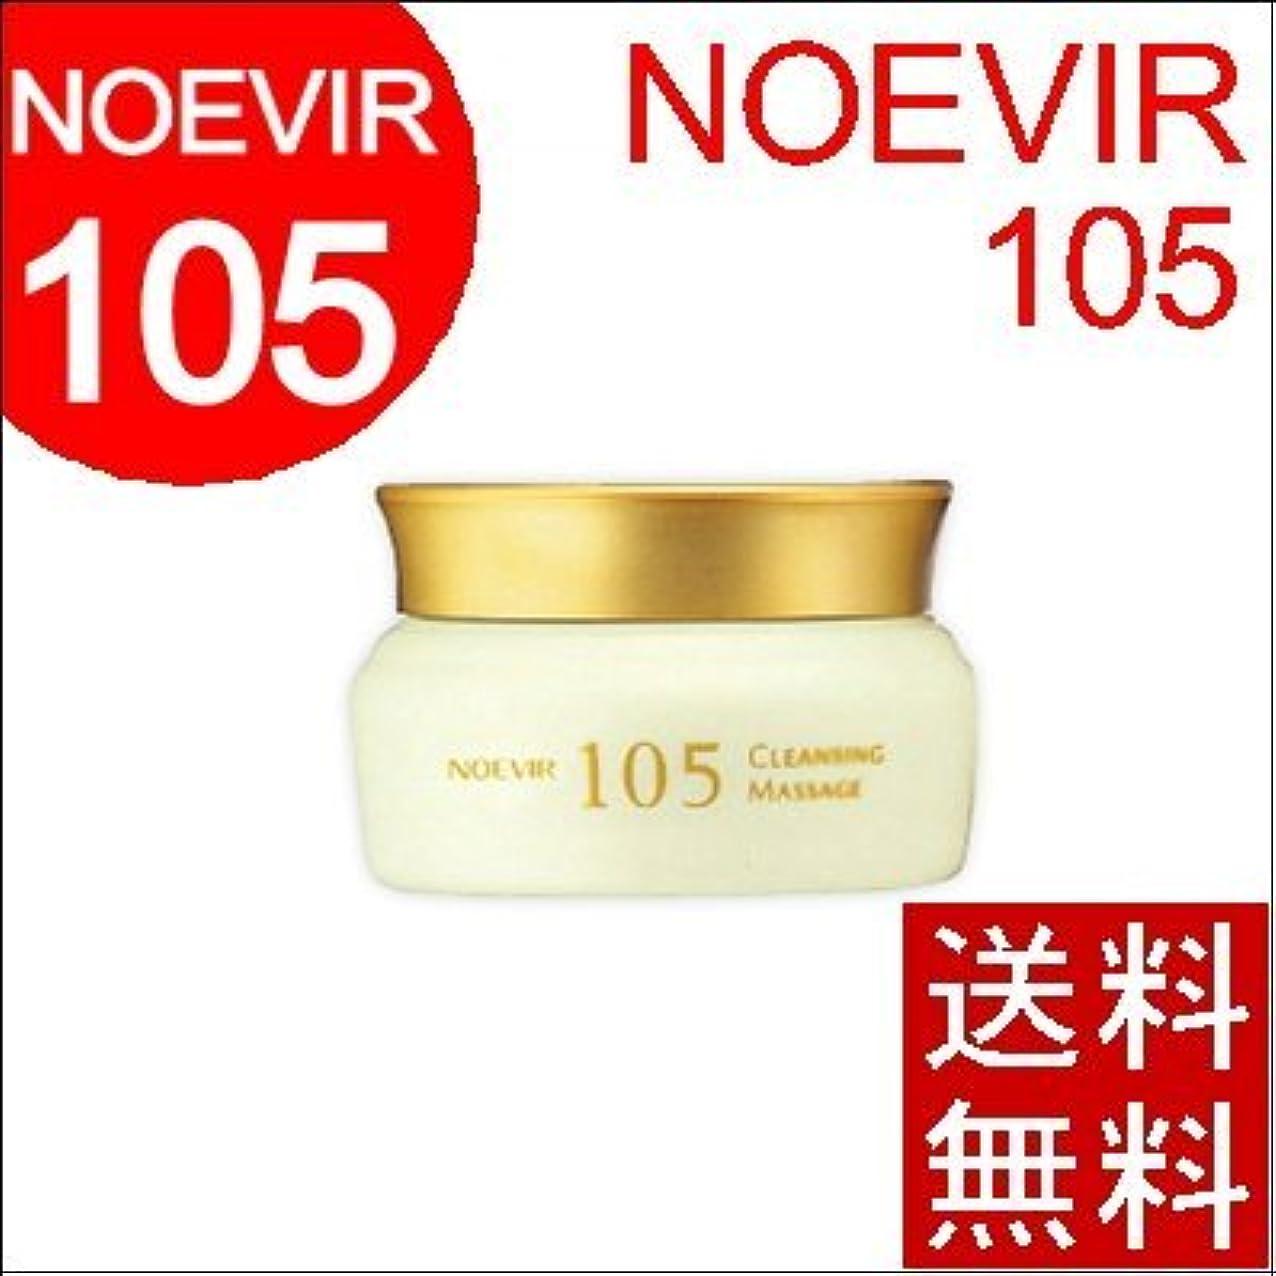 フェードアウトゲートウェイ正統派ノエビア 105 クレンジングマッサージクリームN 100g